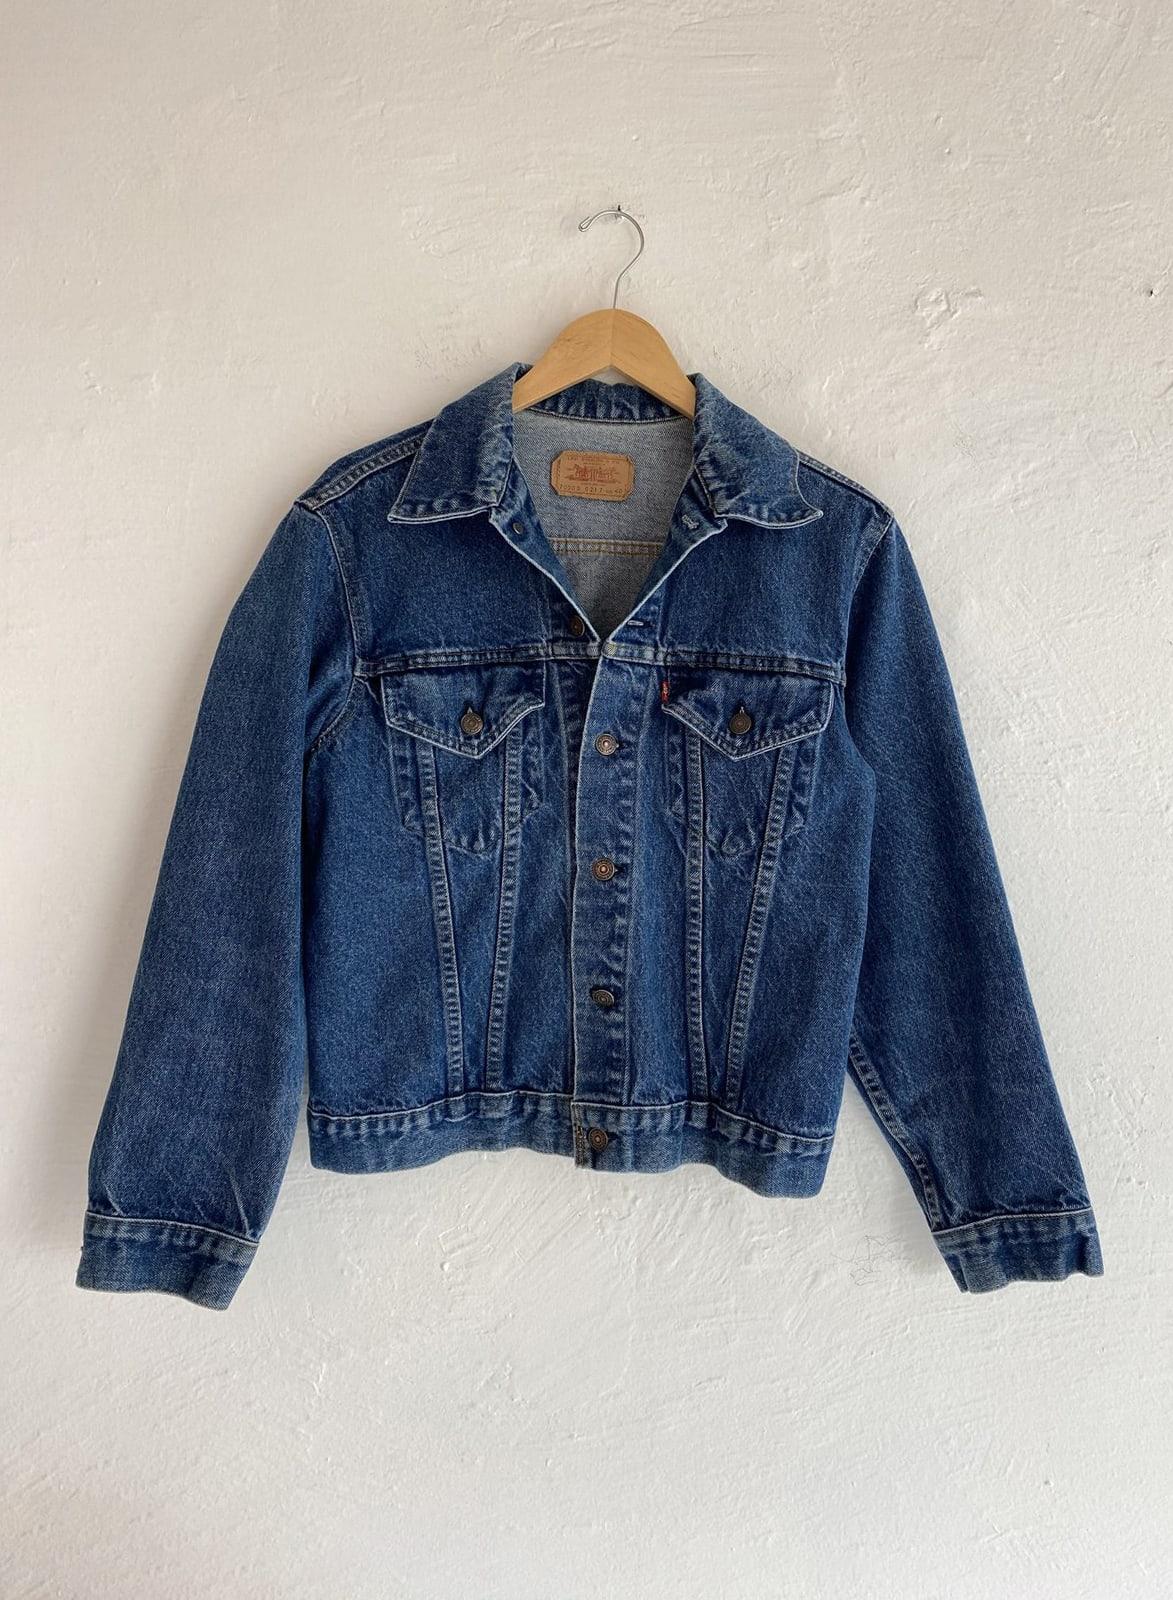 Levi's-Denim-Jacket-Vintage- Blue